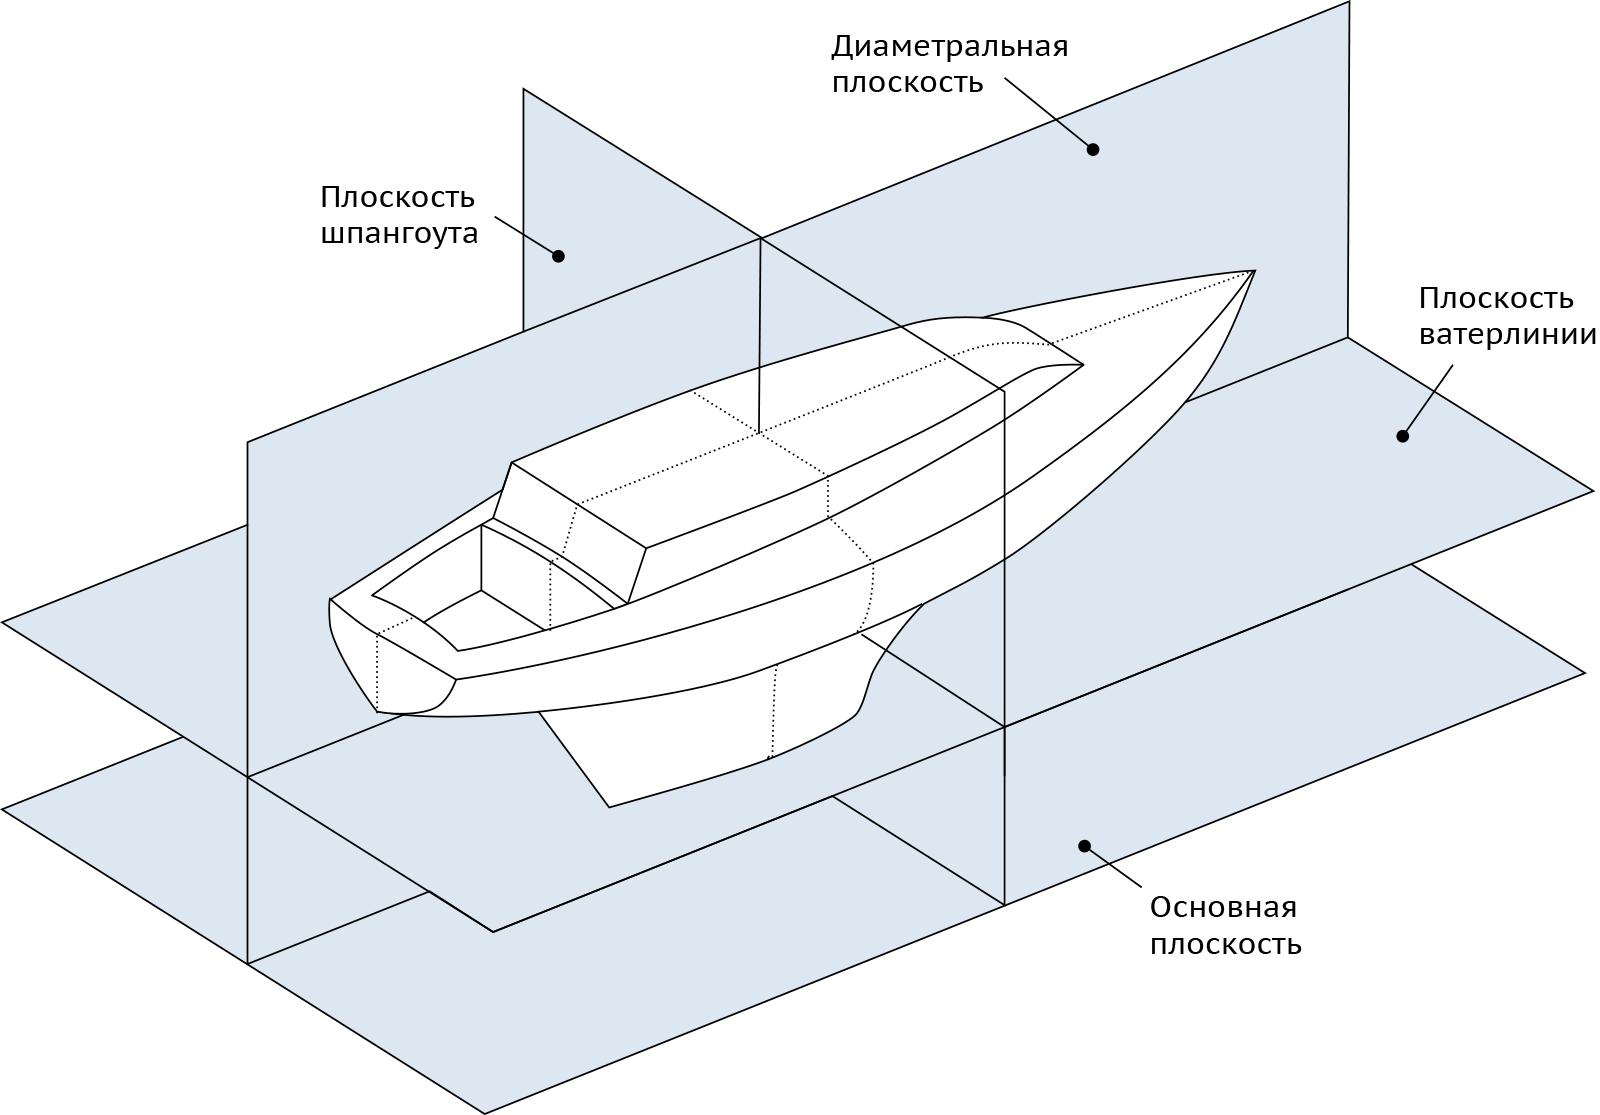 Основные плоскости судна –диаметральная, ватерлинии, шпангоута, основная плоскость.